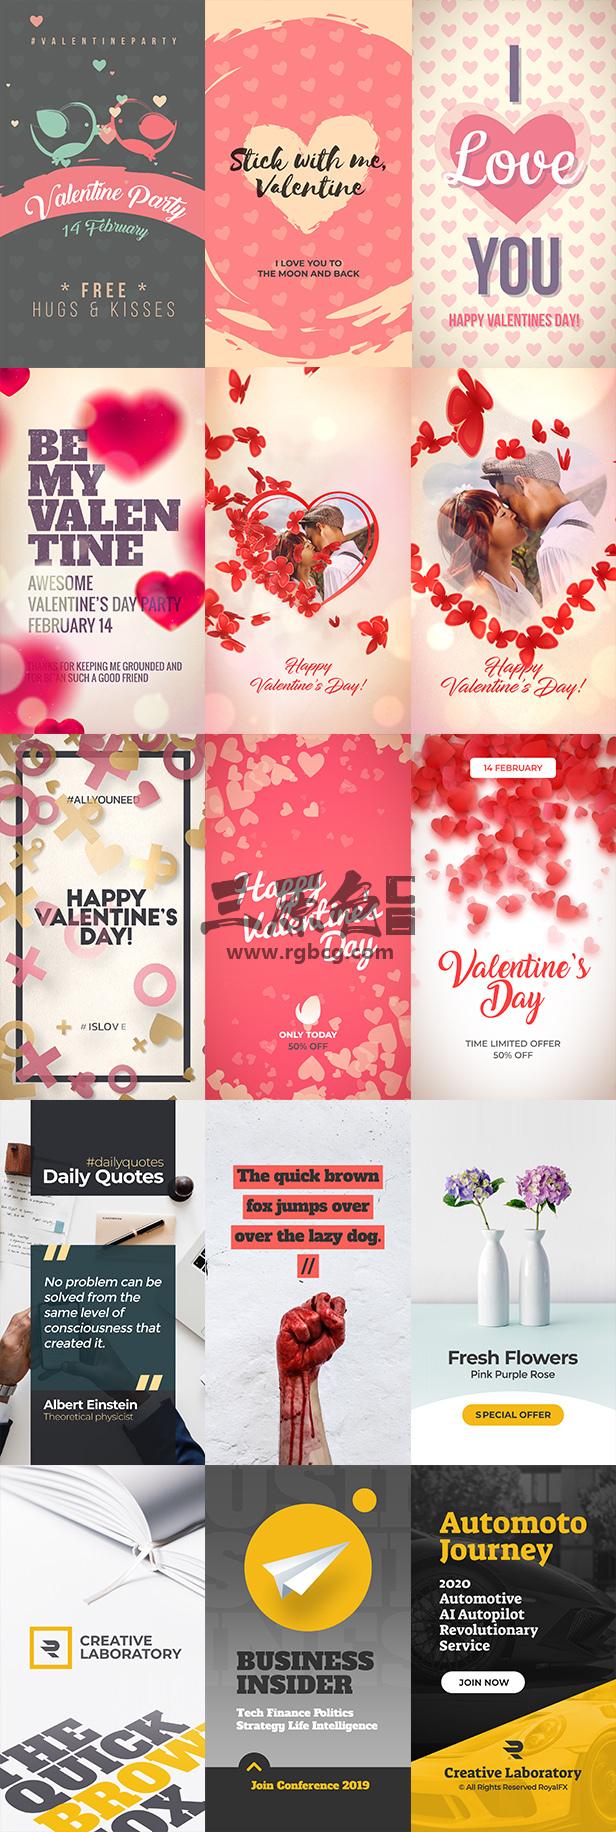 AE模板 - 唯美创意竖屏广告情人节浪漫动画模板 Instagram Stories Ae 模板-第1张